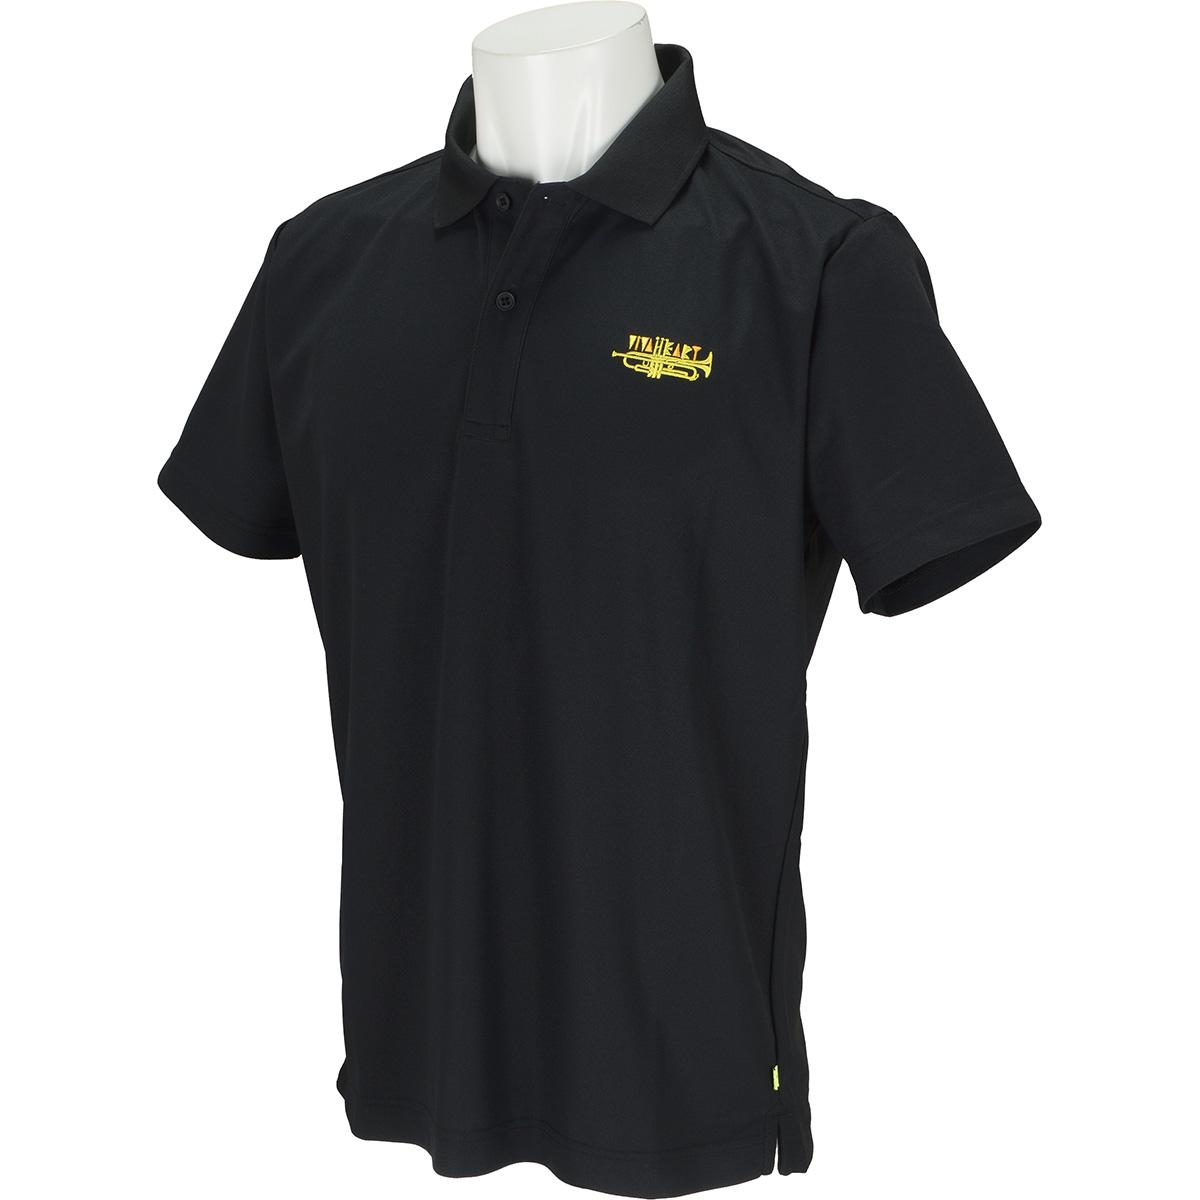 トランペットロゴ刺繍半袖ポロシャツ